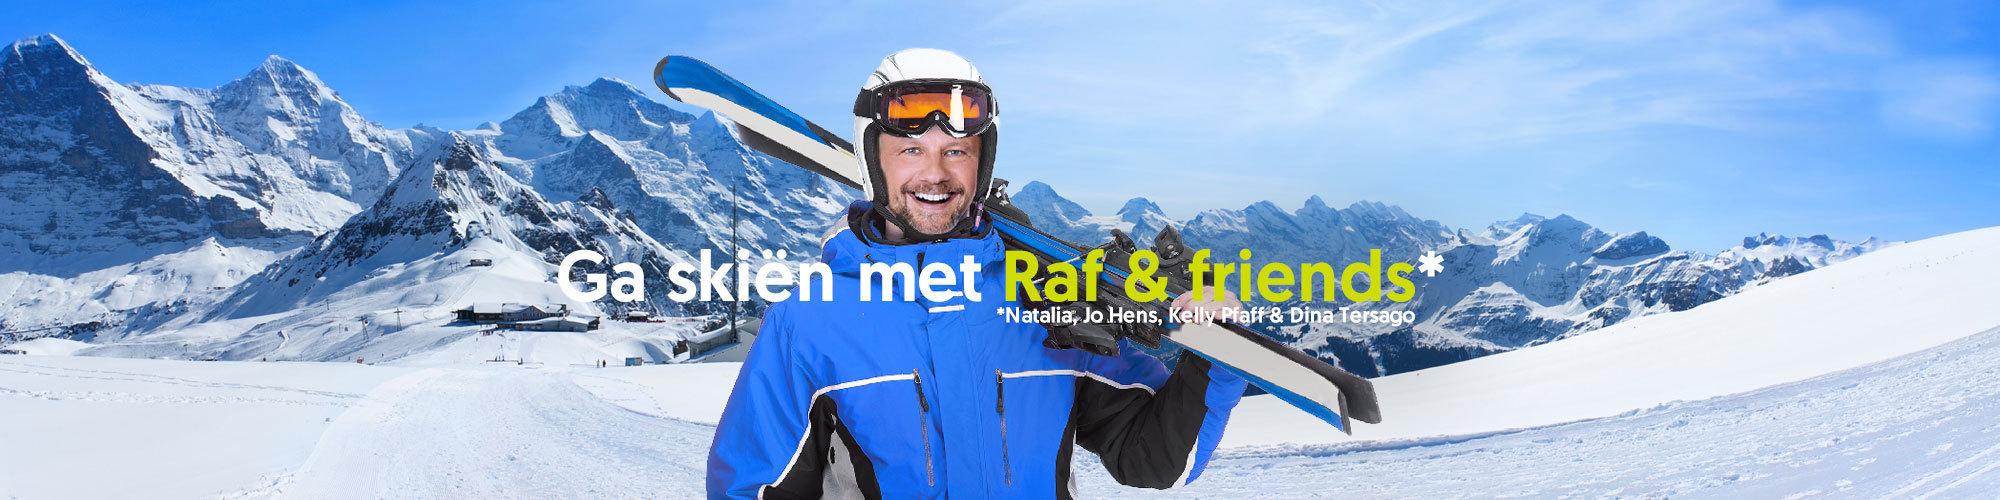 Raffriends skien carrousel friends